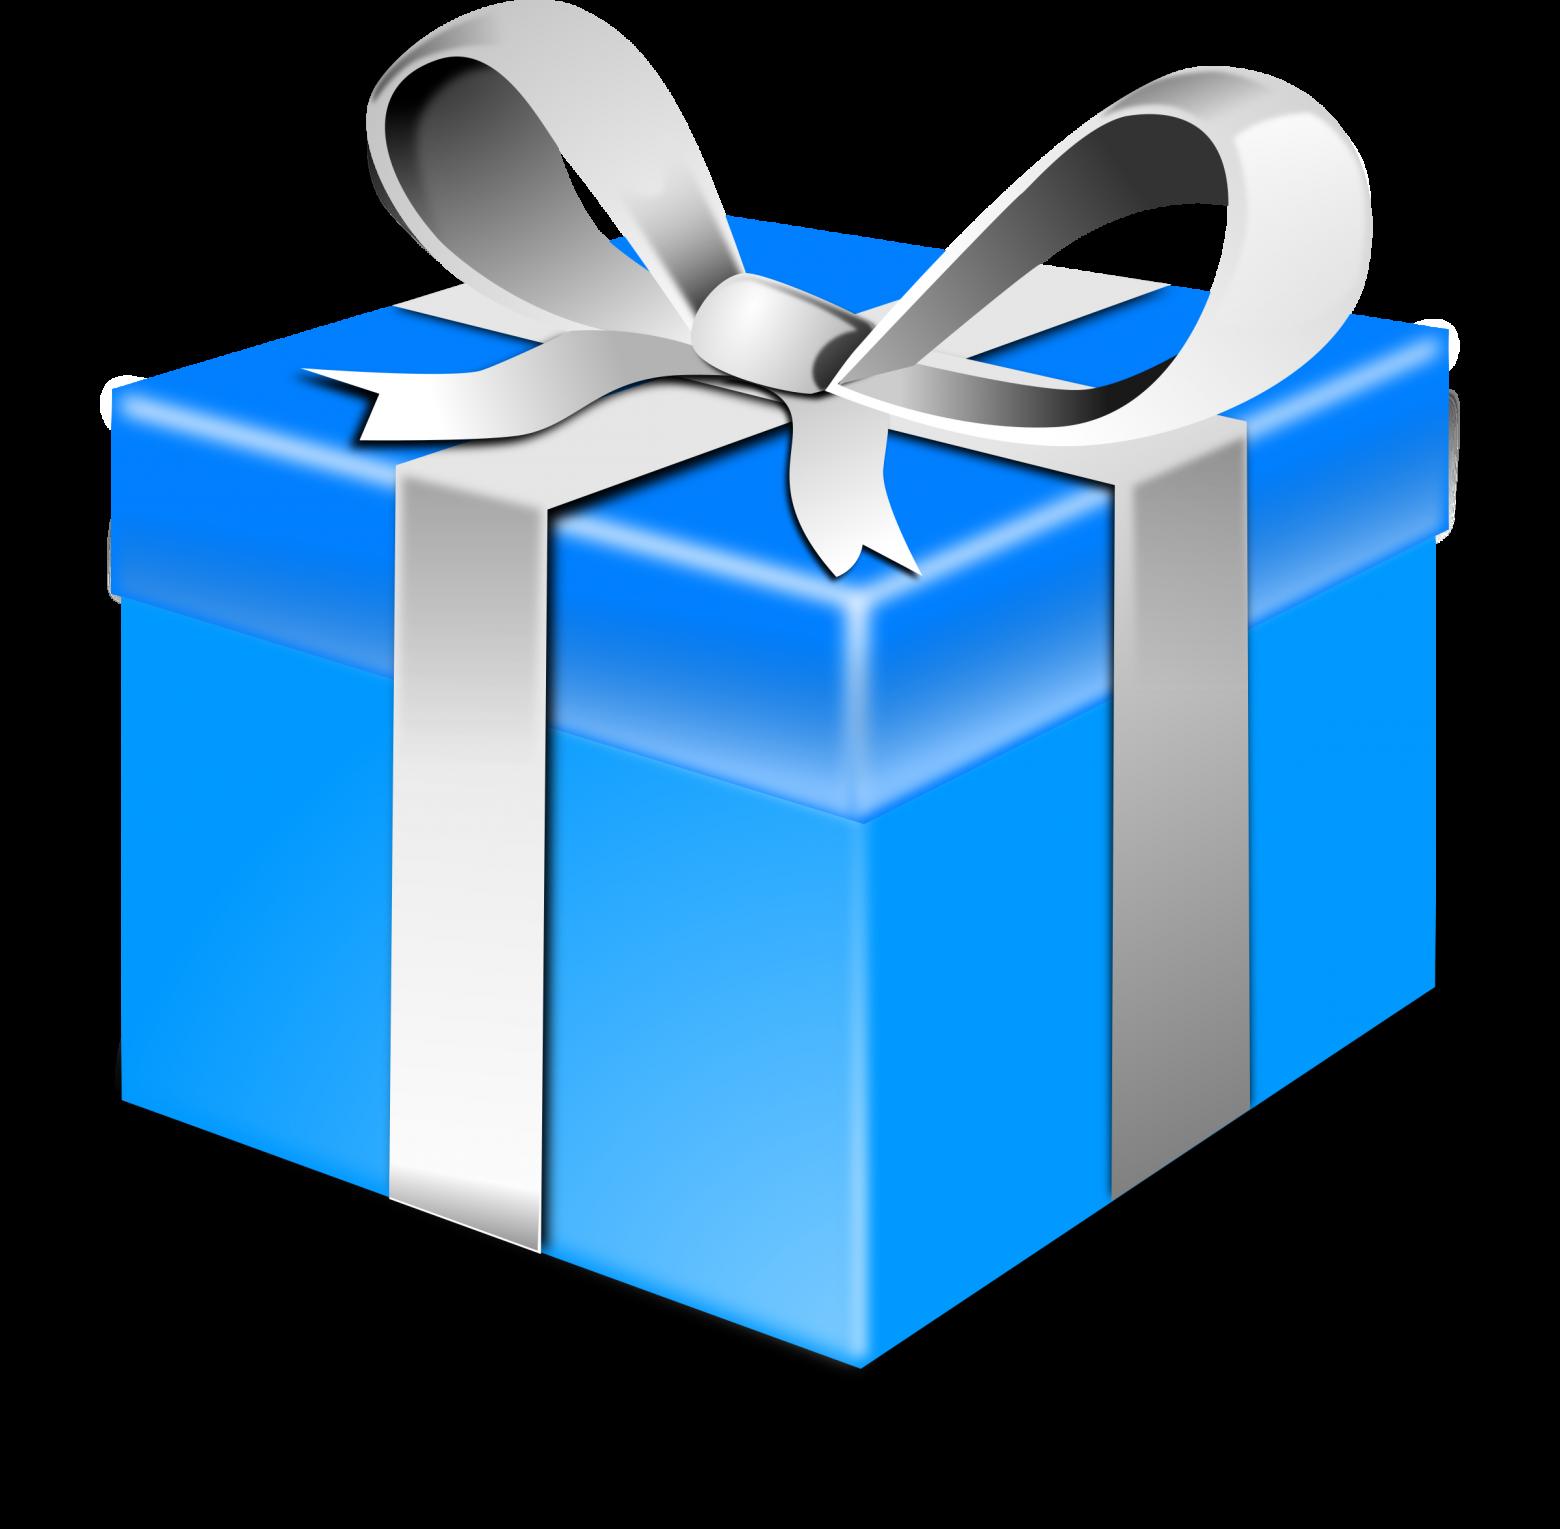 clipart cadeau image gratuite | images gratuites et libres de droits